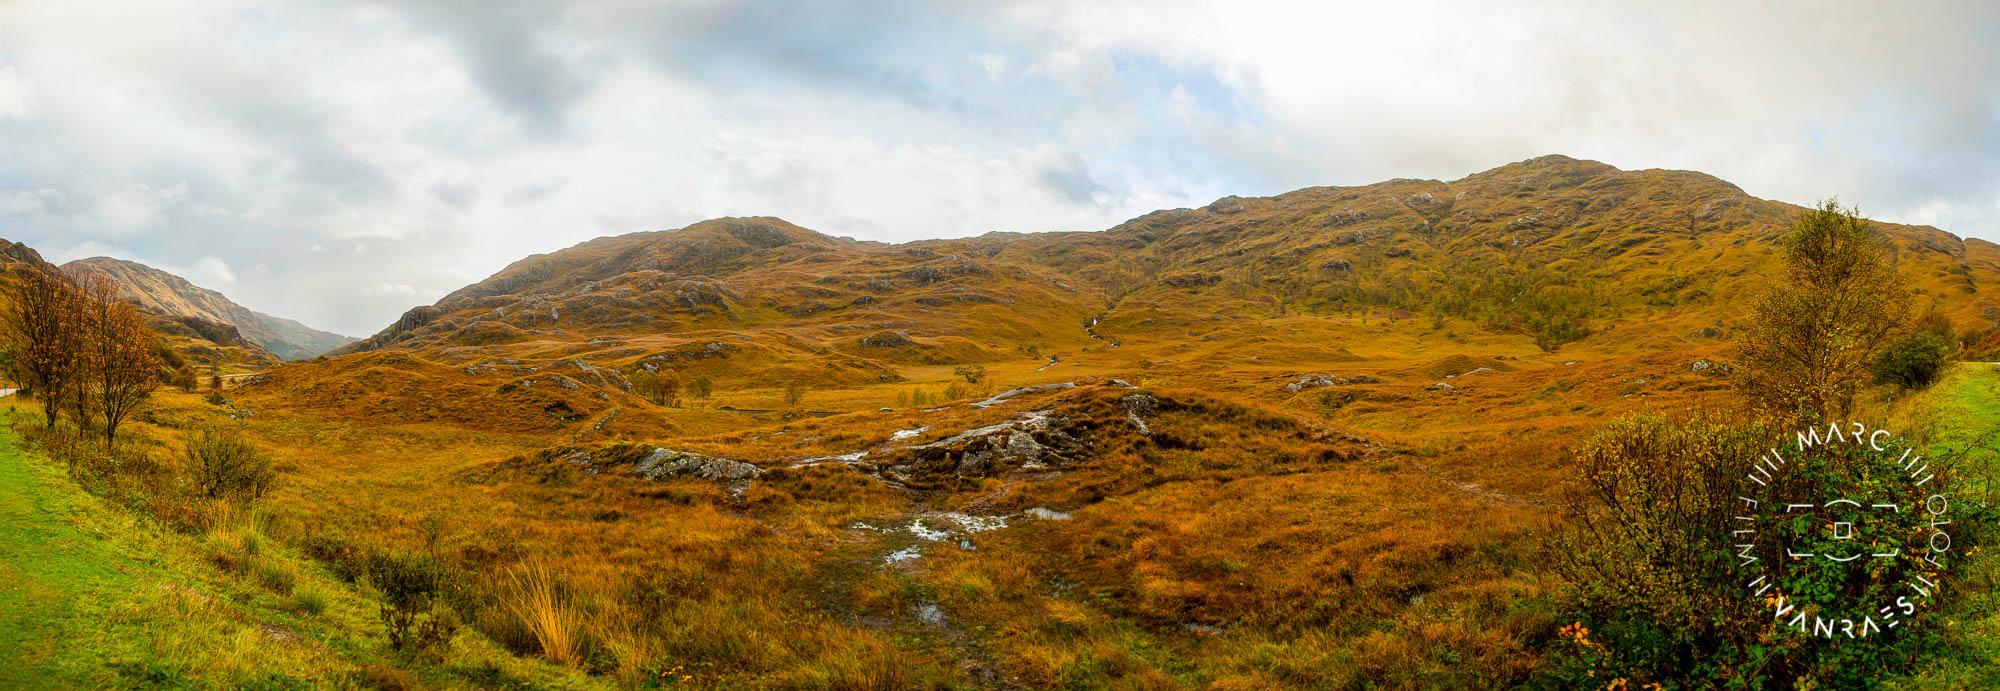 © Deze foto's van Glenfinnan - www.marcvanraes.be - _